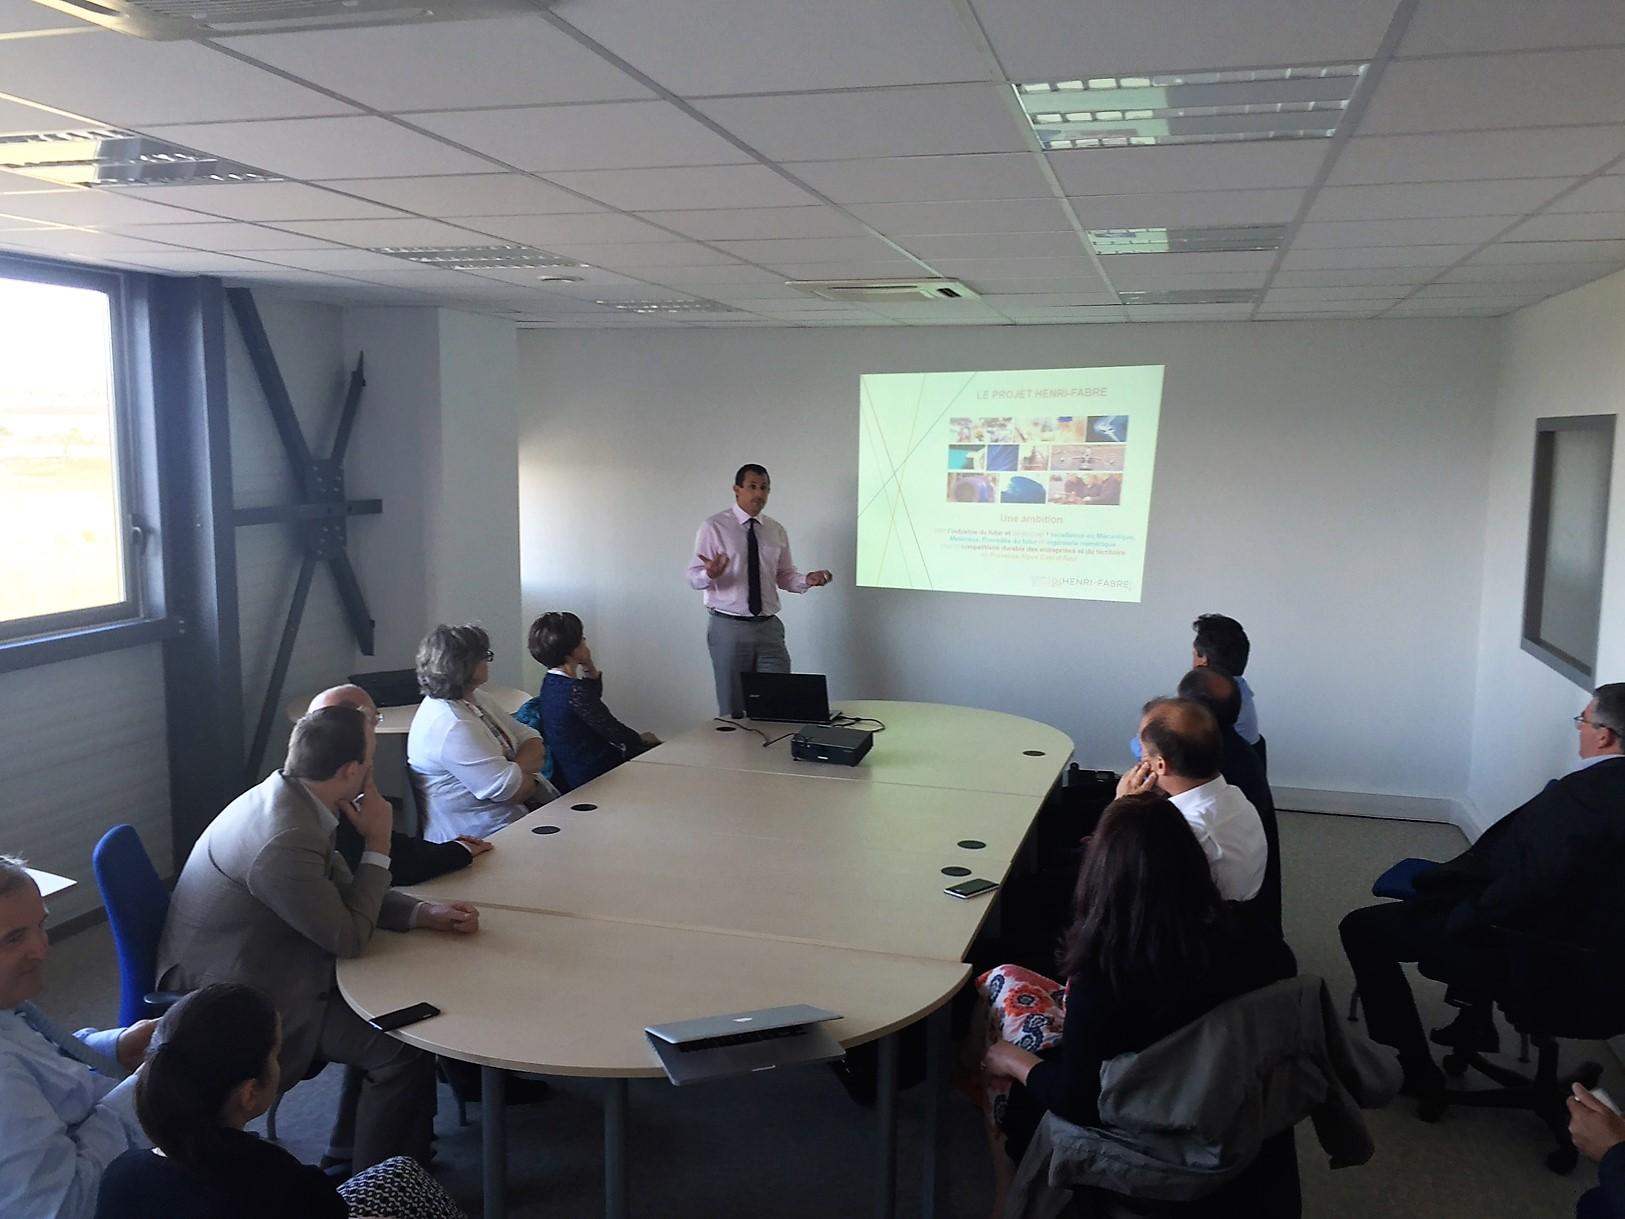 Rencontre : Des PME viennent découvrir le Technocentre Henri-Fabre